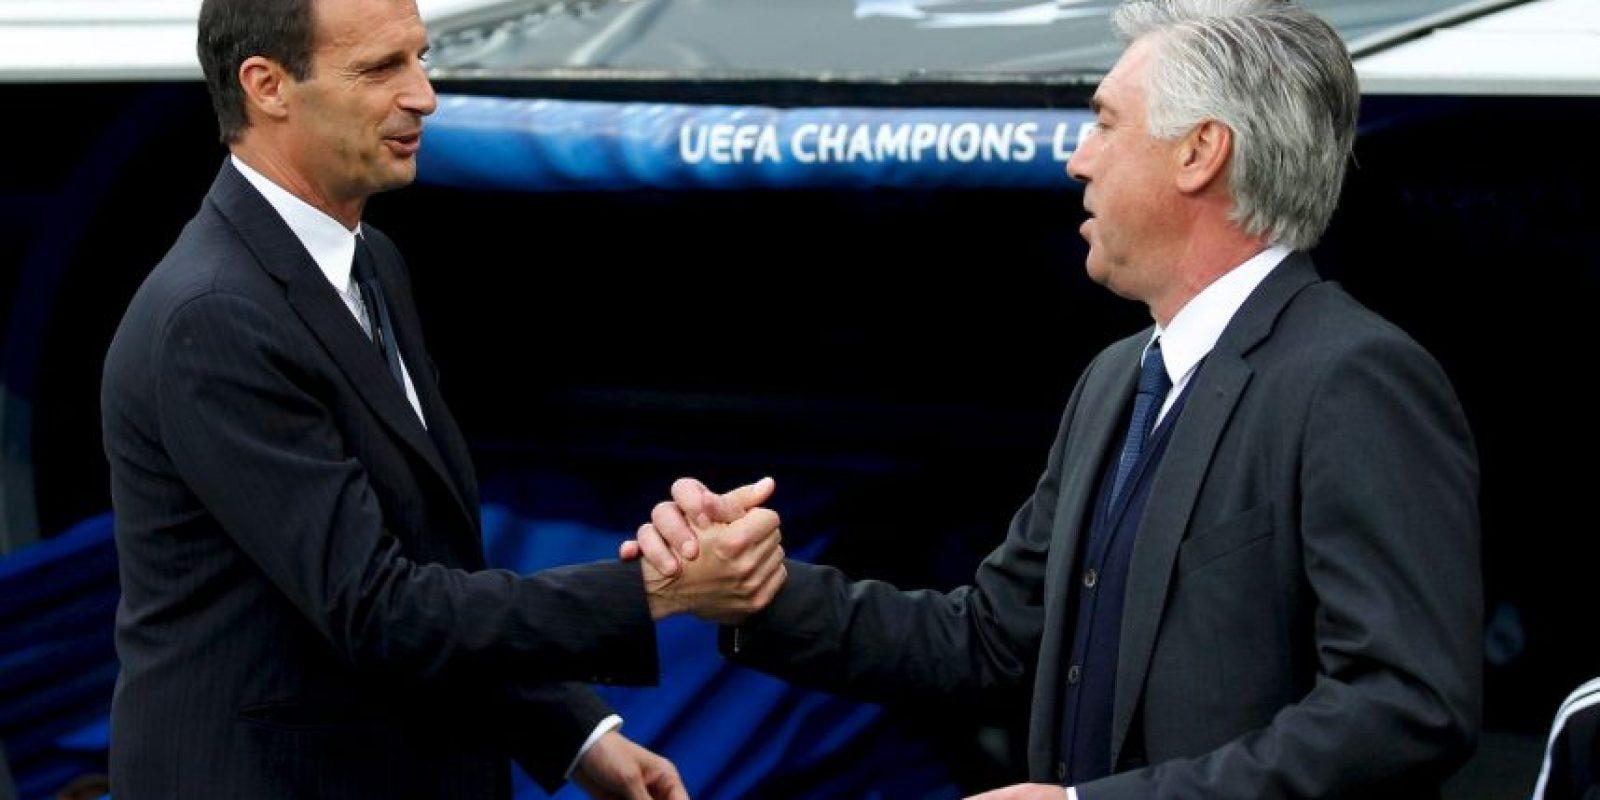 Massimiliano Allegri y Carlo Ancelotti, entrenadores de Juventus y Real Madrid, se saludaron previo al comienzo del duelo. Foto:Getty Images